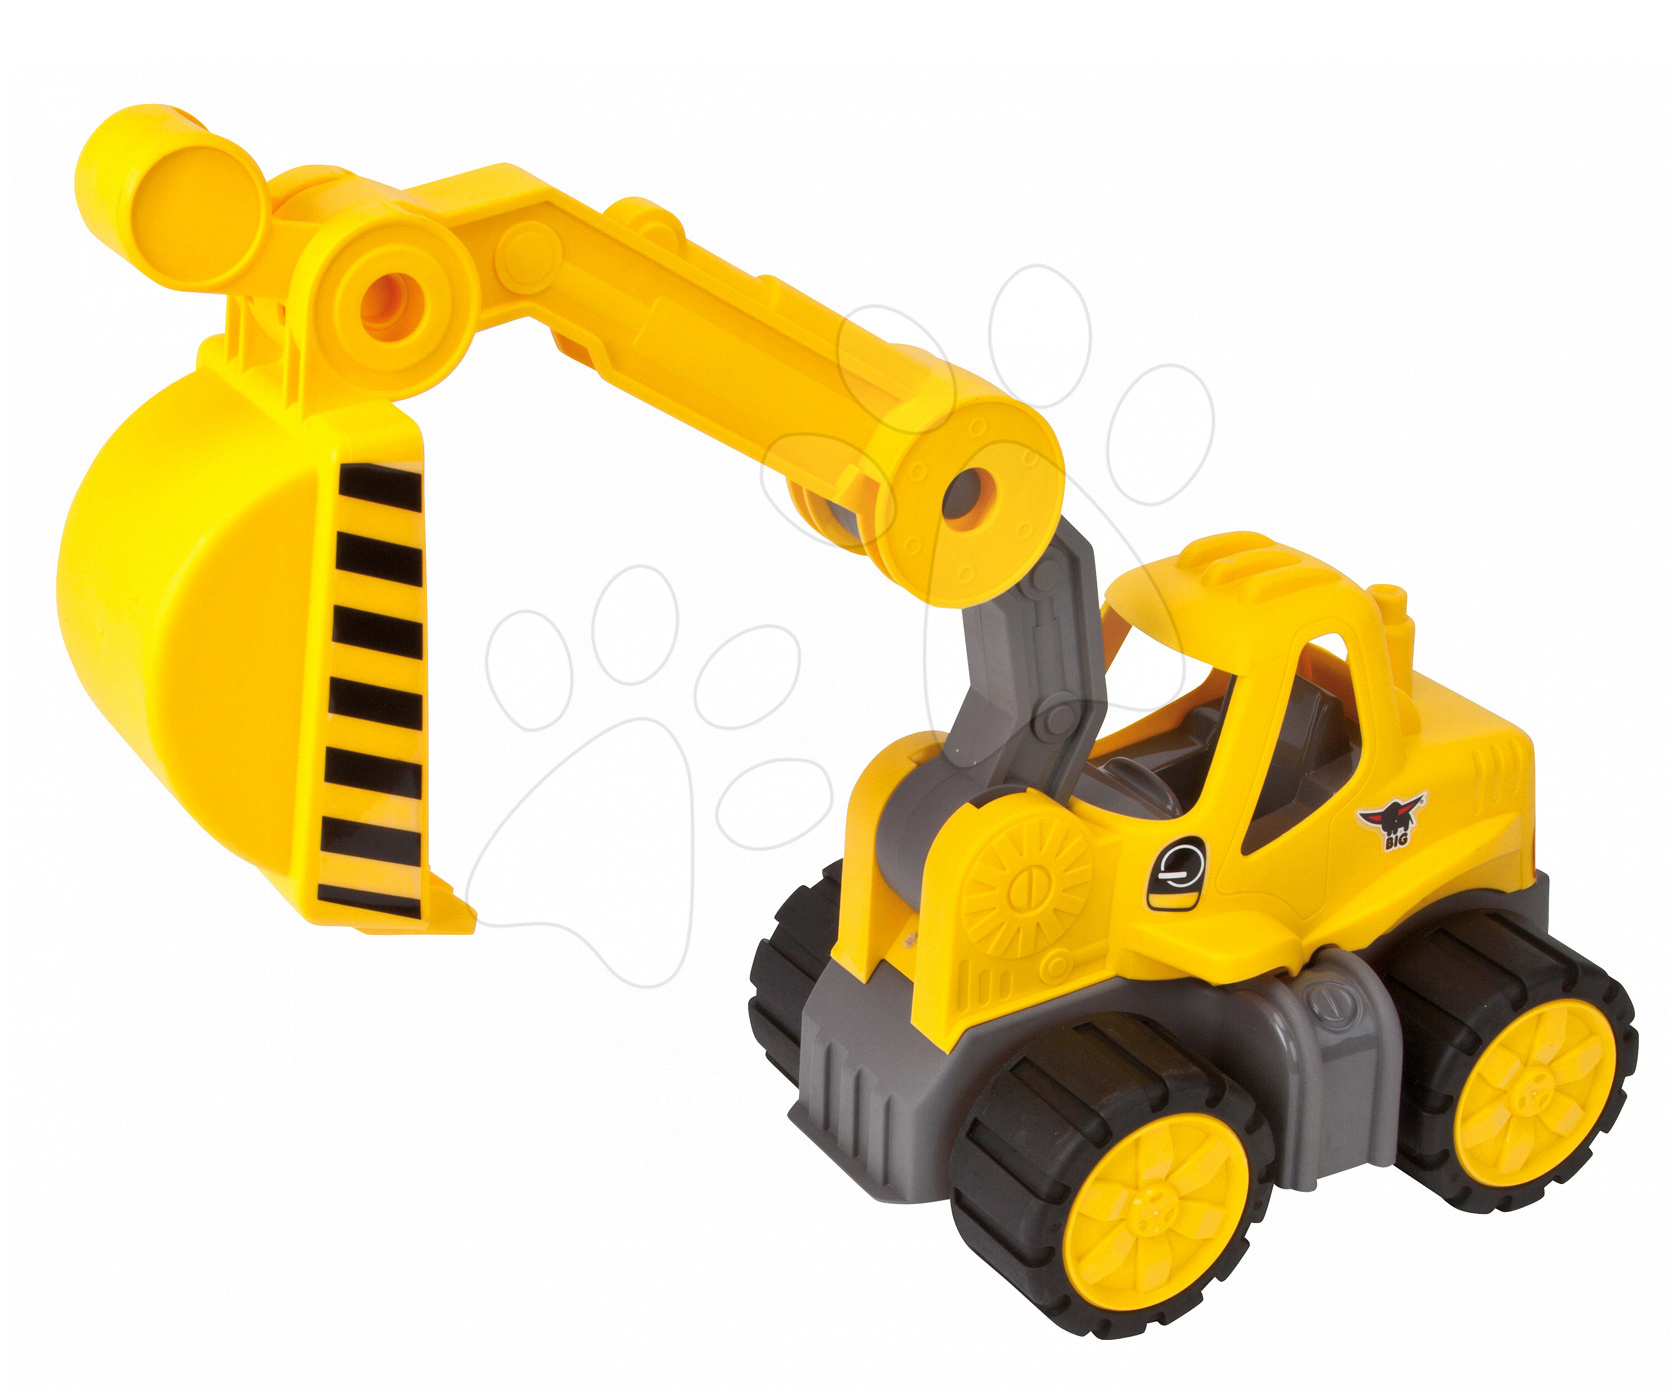 Stavebné stroje - Bager Power BIG veľký pracovný stroj dĺžka 67 cm žltý od 24 mes